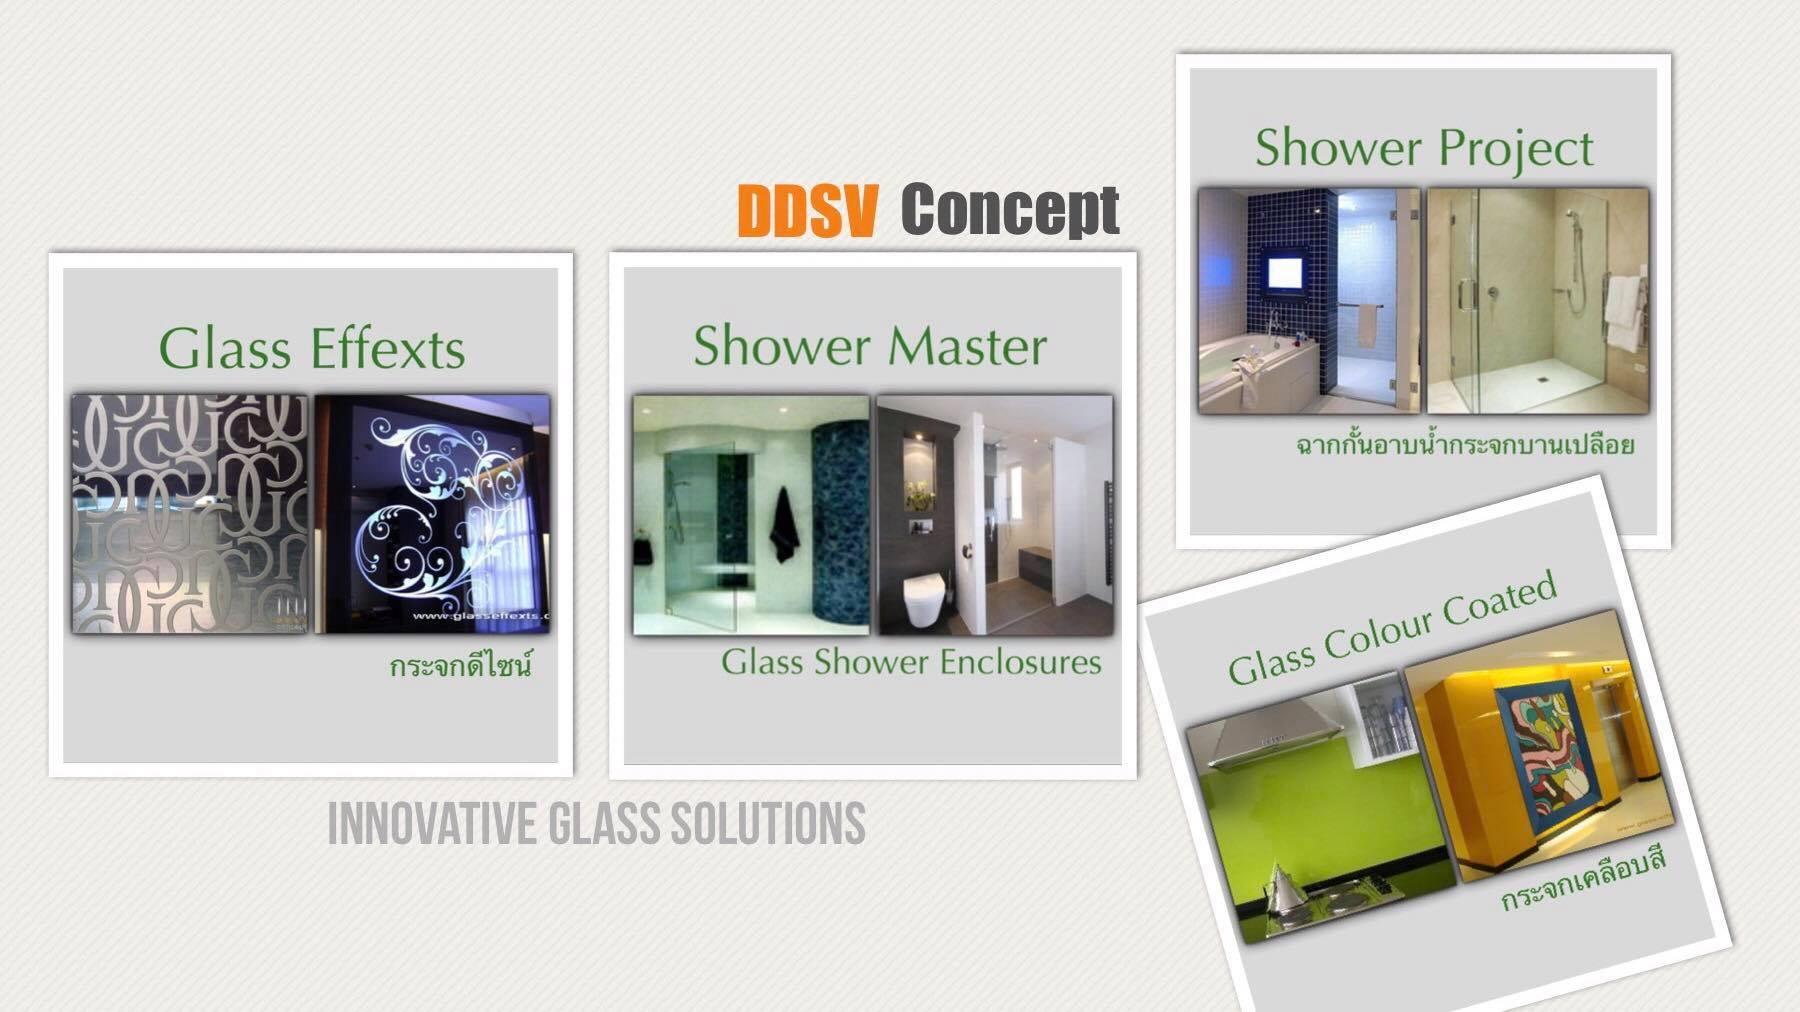 DDSV Concept Cover Photo